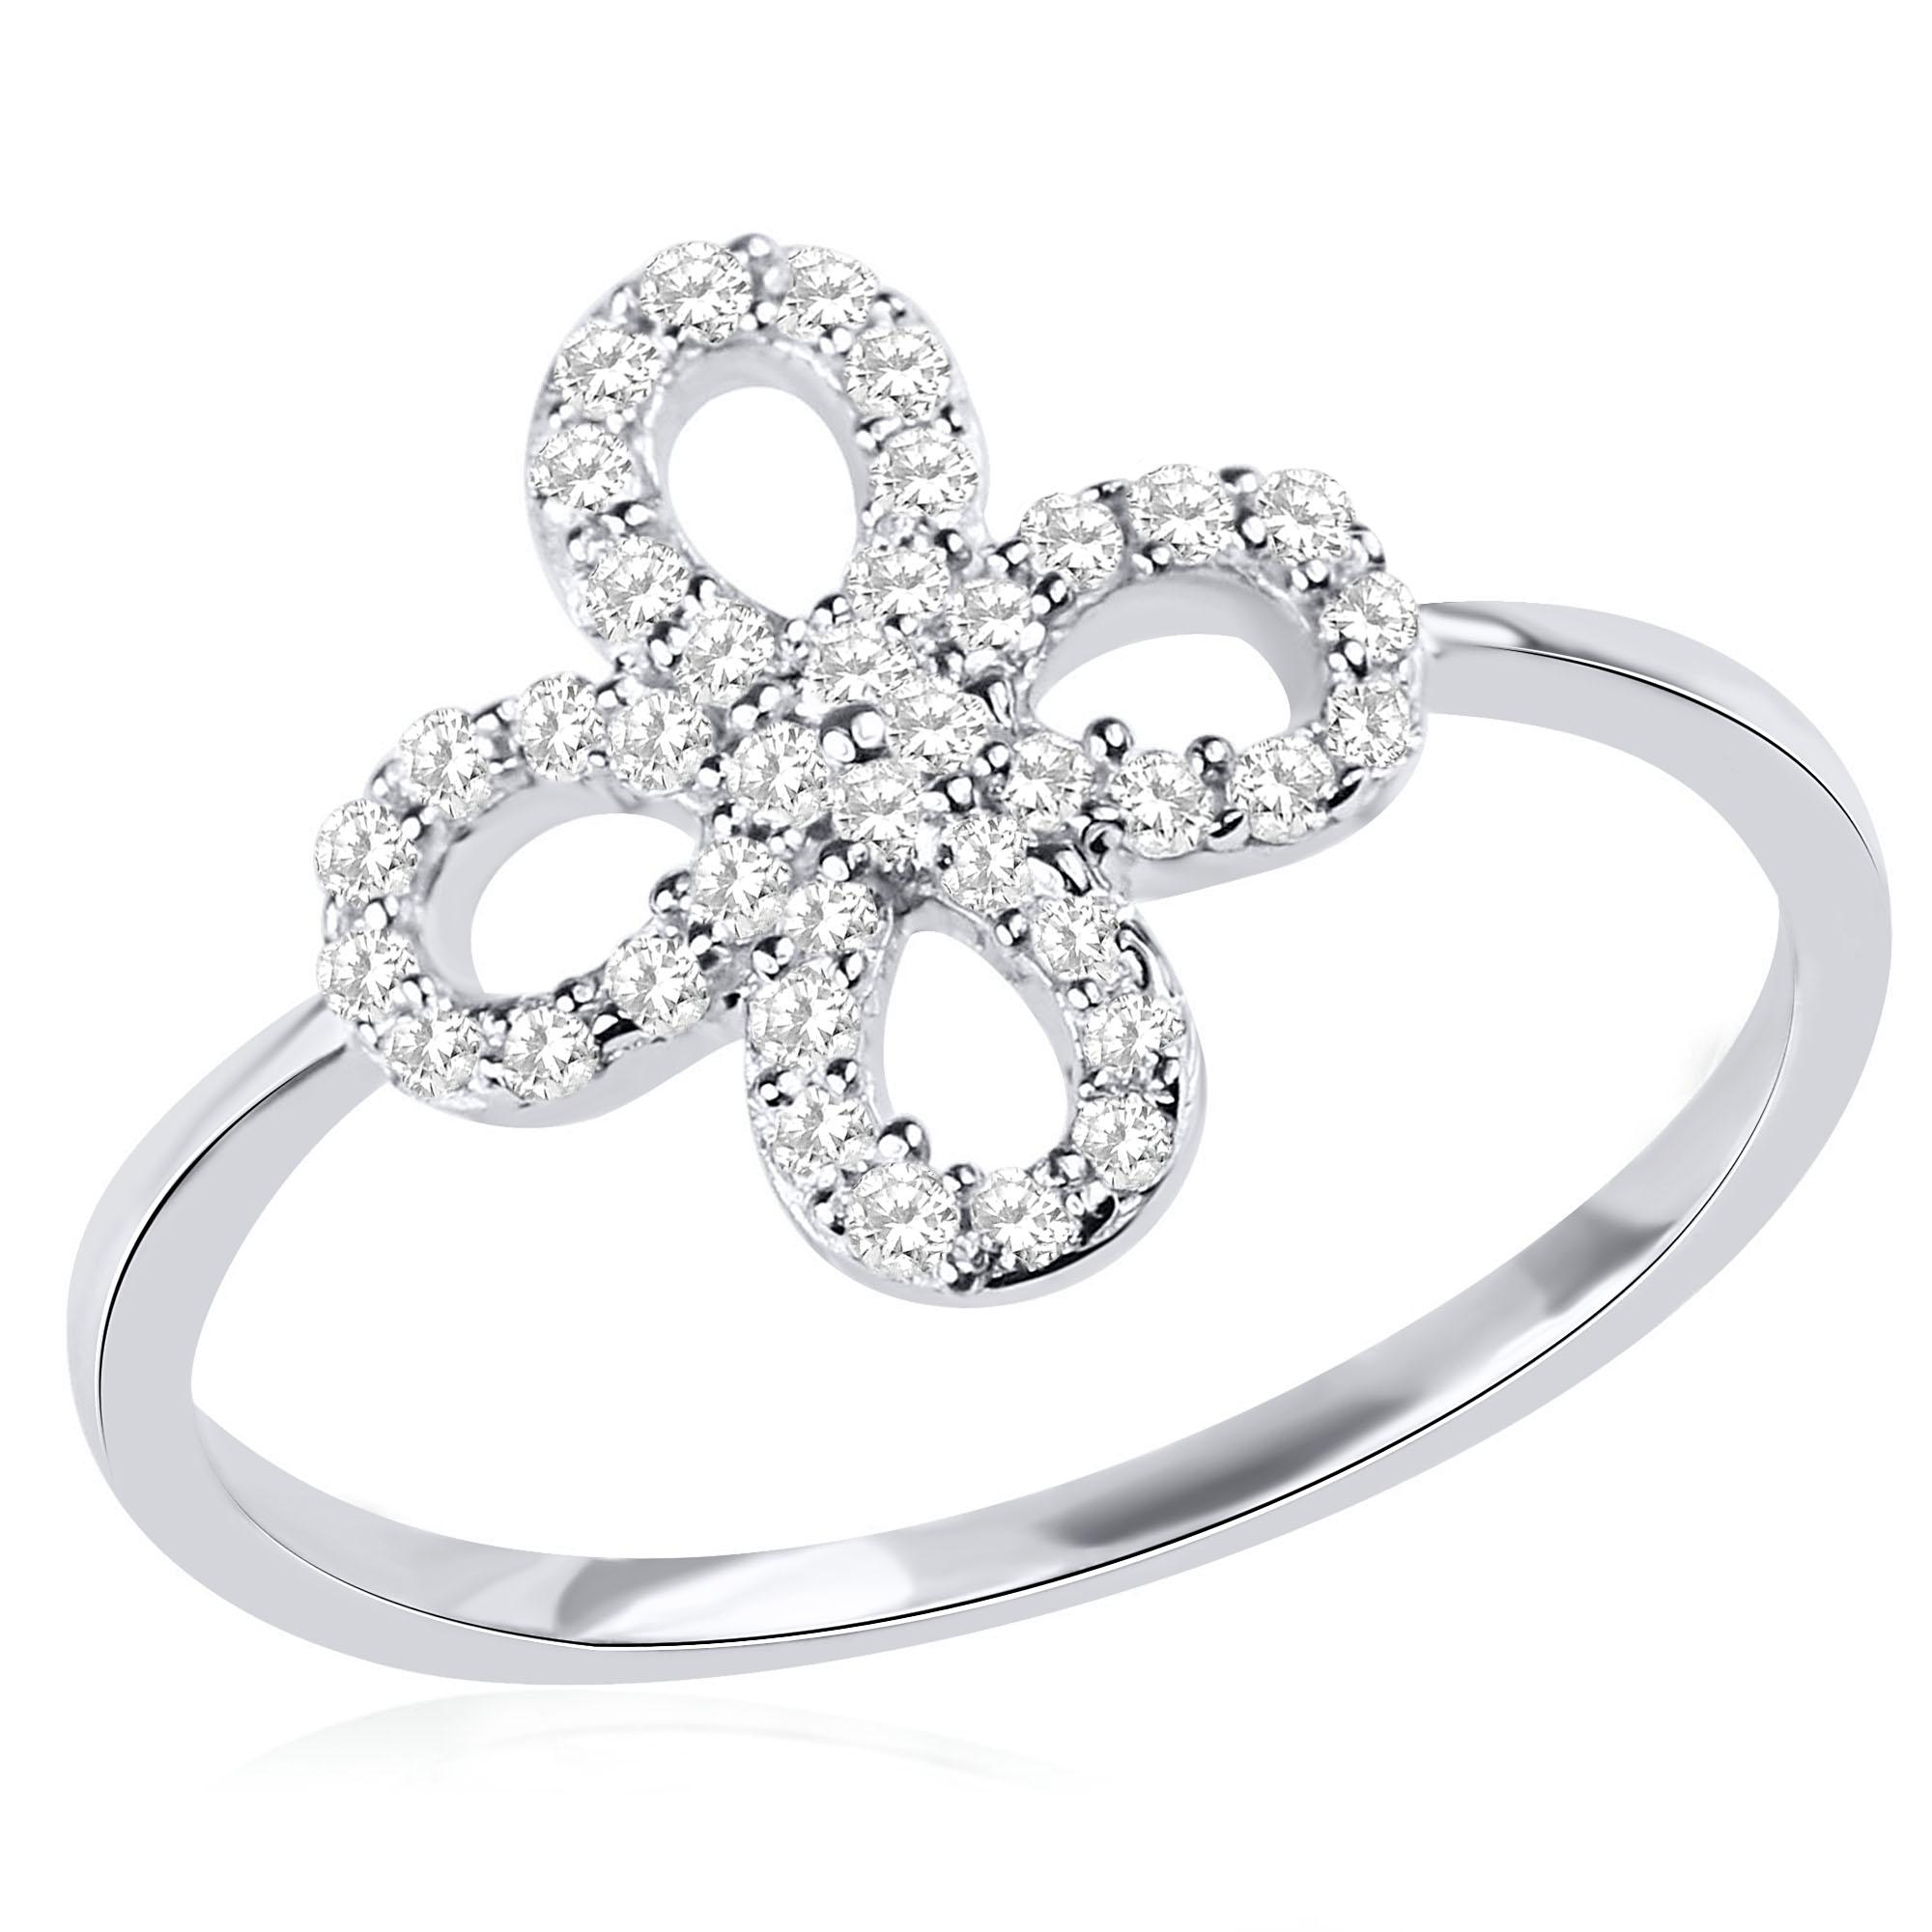 טבעת תלתן זהב לבן 14 קראט משובצת יהלומים